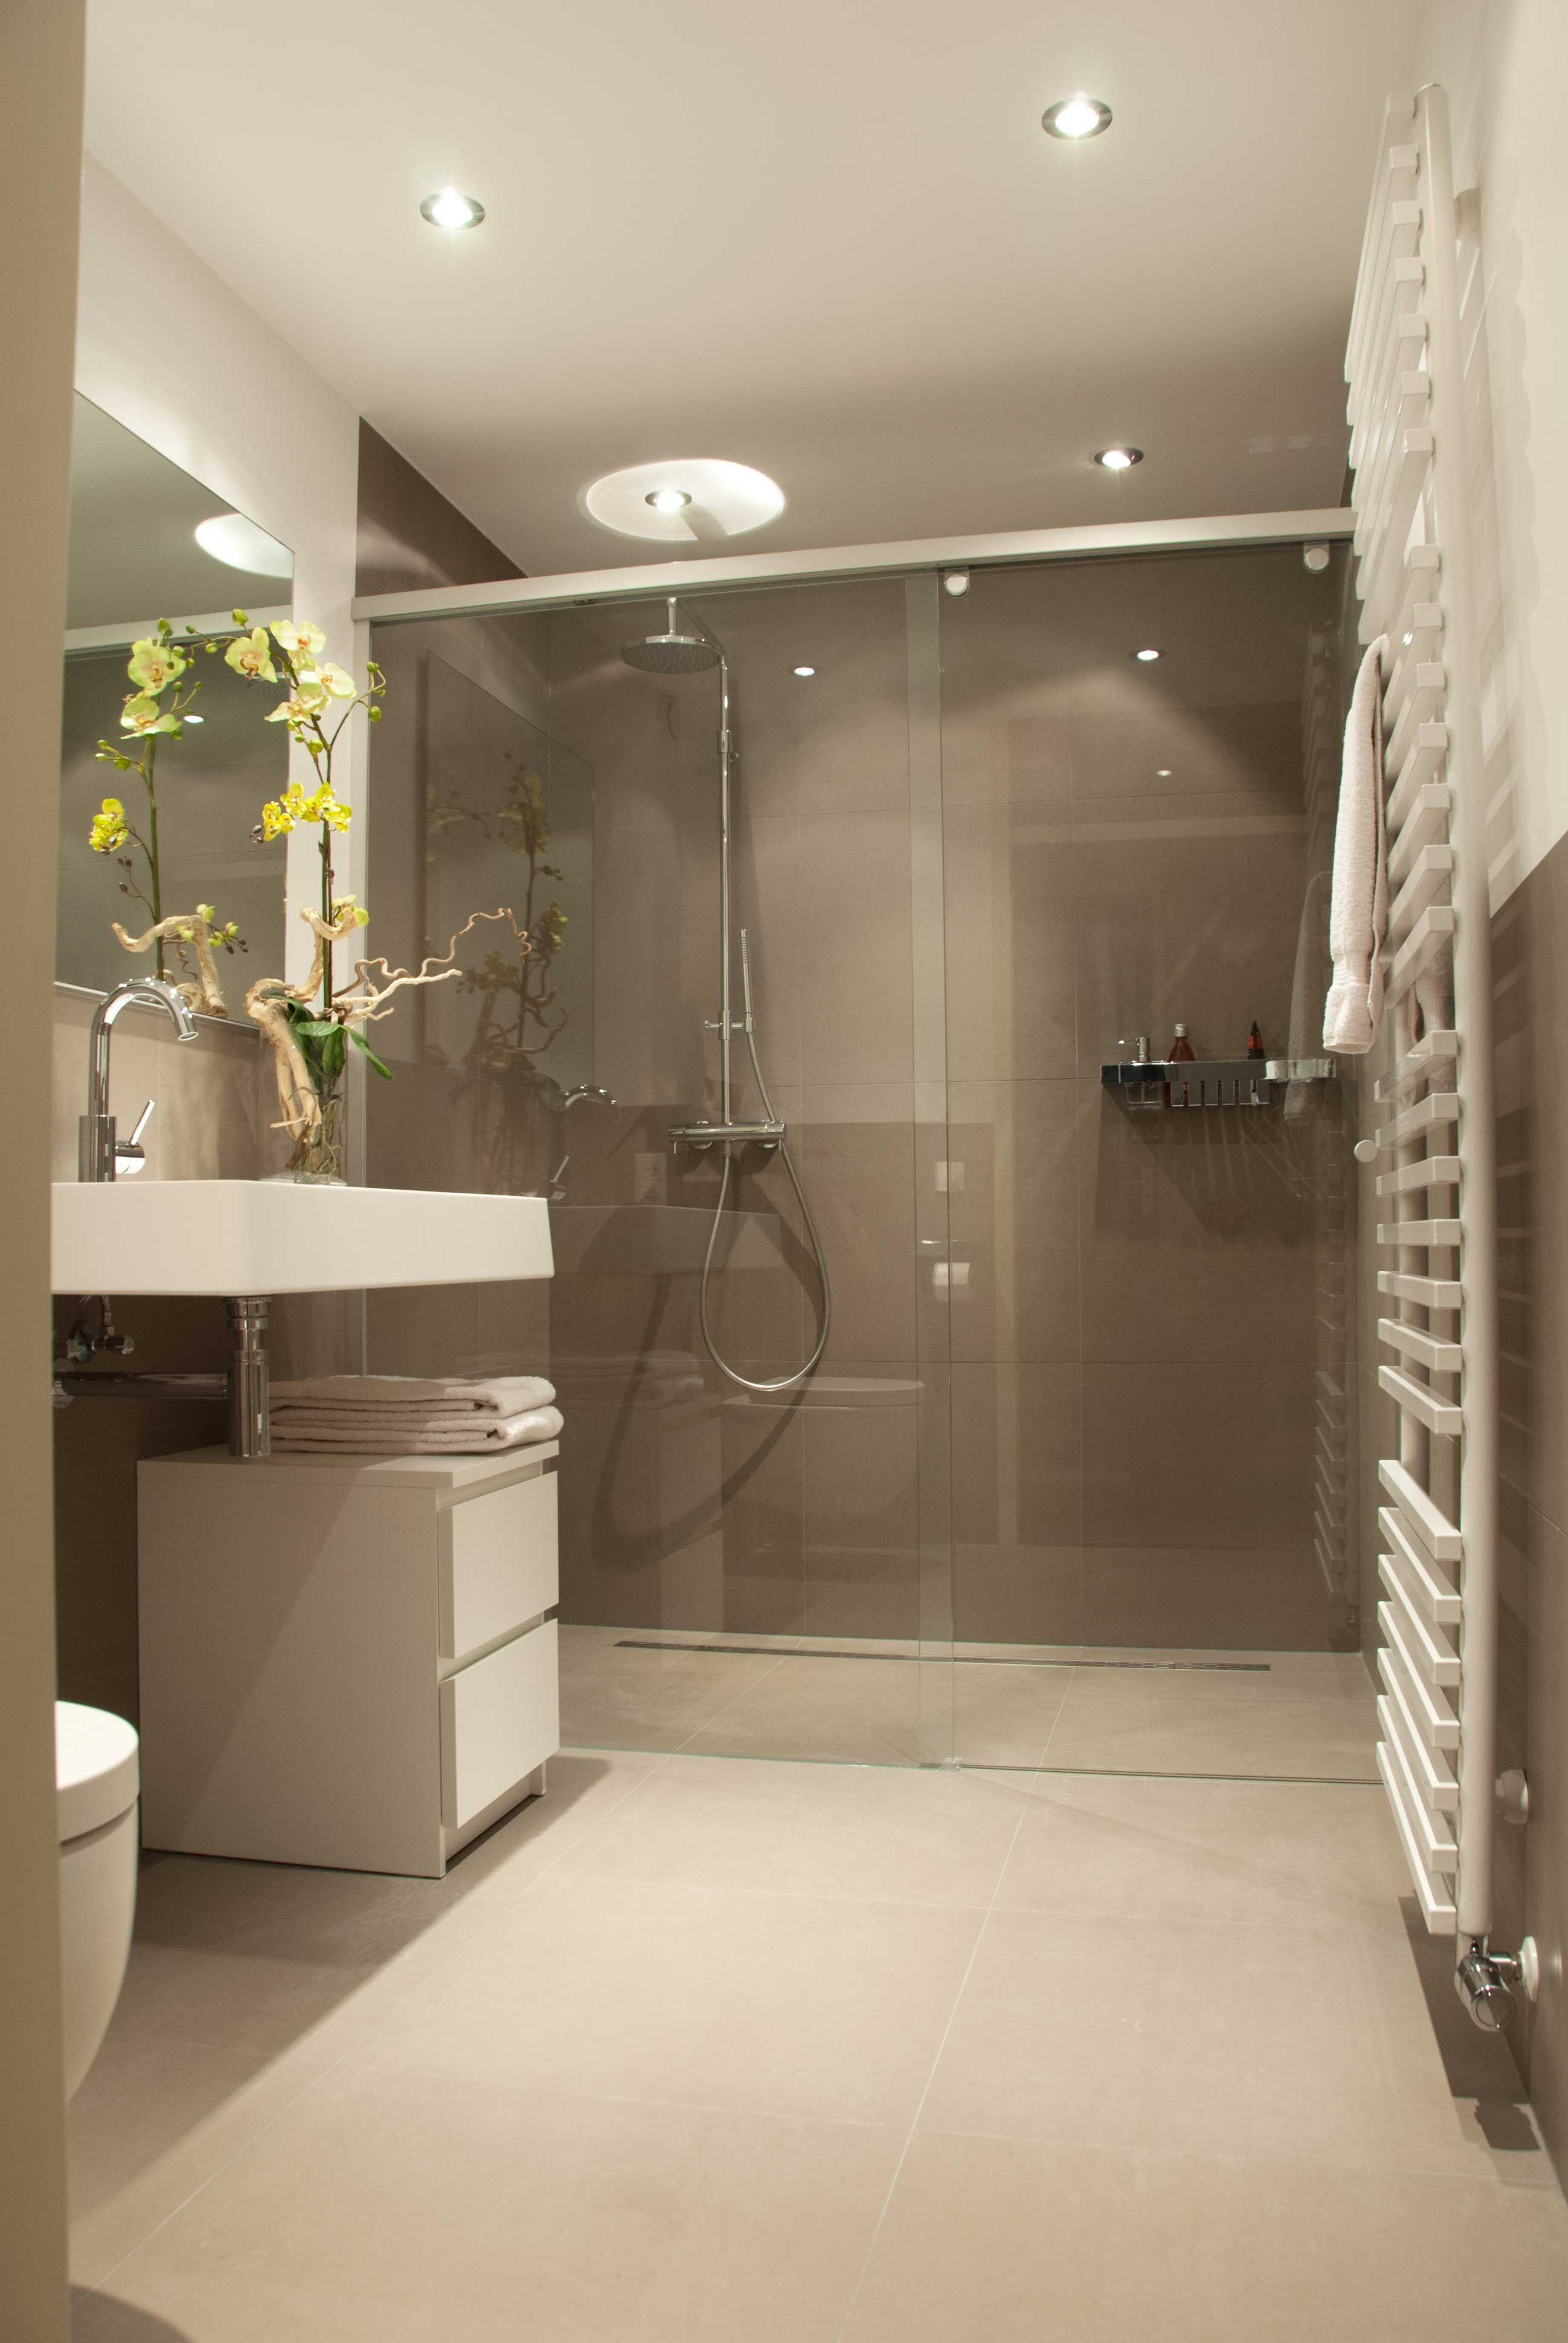 kleine badkamer met inloopdouche kleine badkamer pinterest